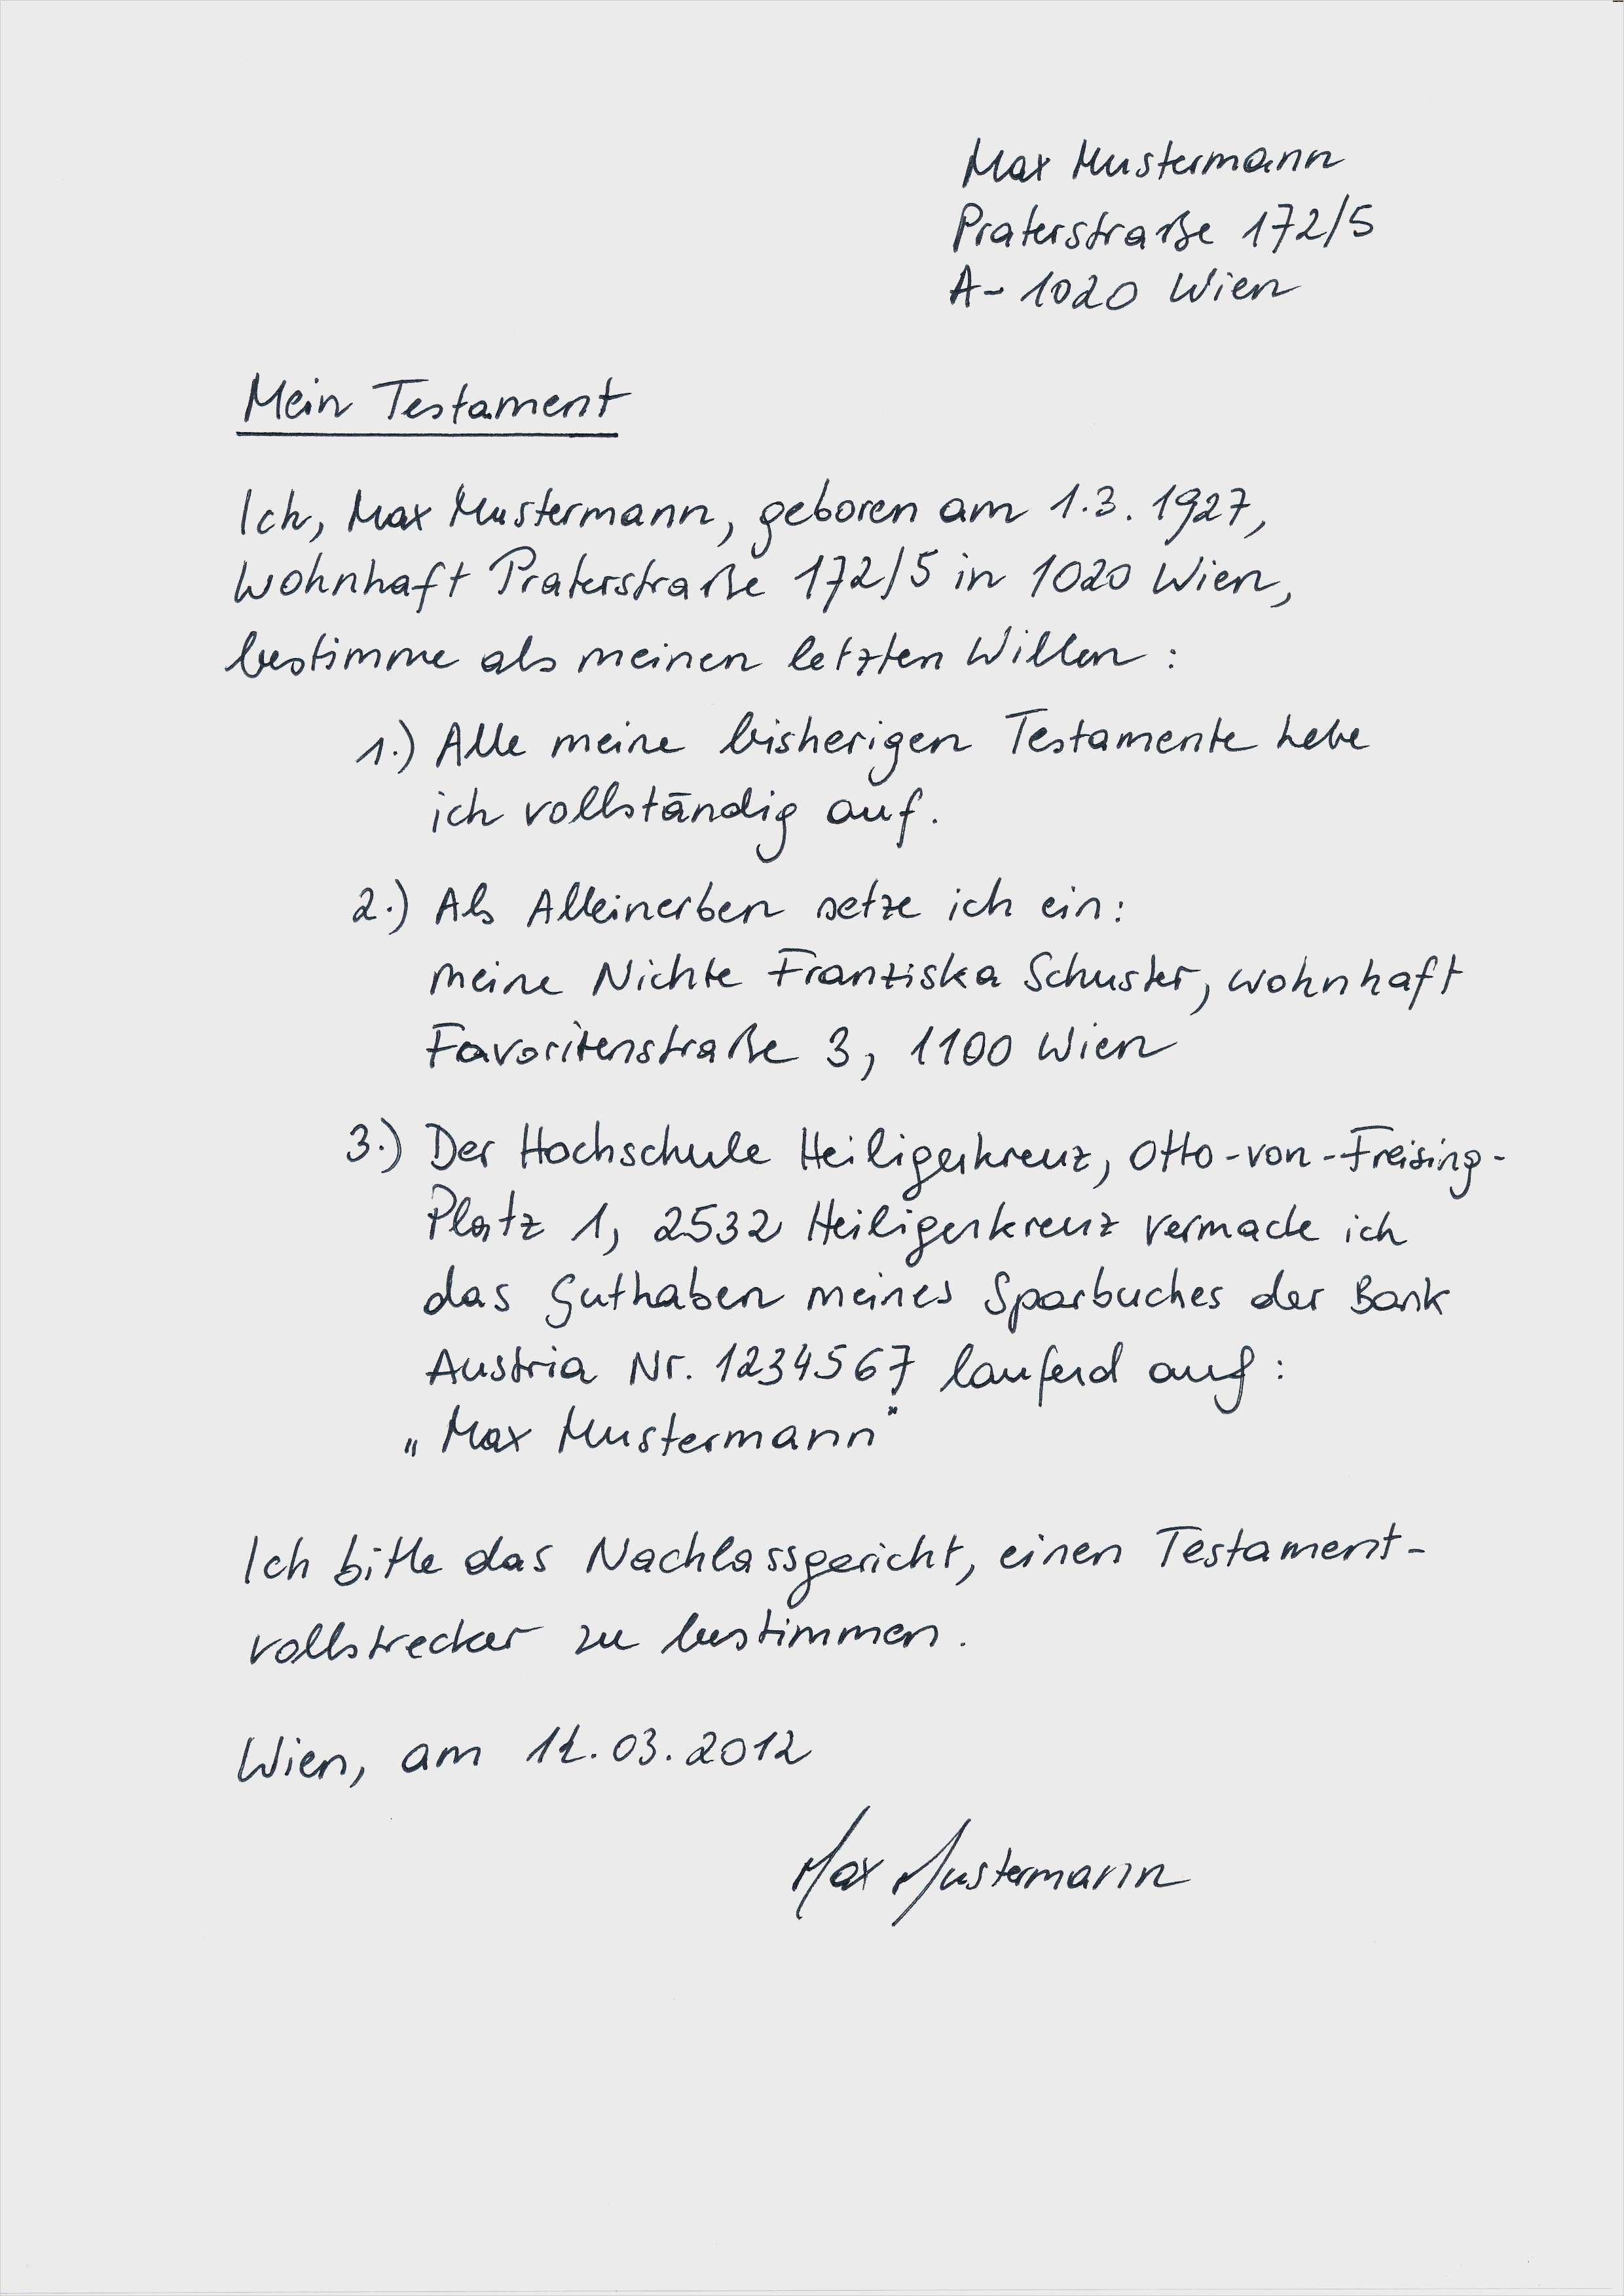 43 Fabelhaft Testament Handschriftlich Vorlage Nobel Solche Konnen Adaptieren Fur Ihre Ideen Vorlagen Lebenslauf Bewerbung Schreiben